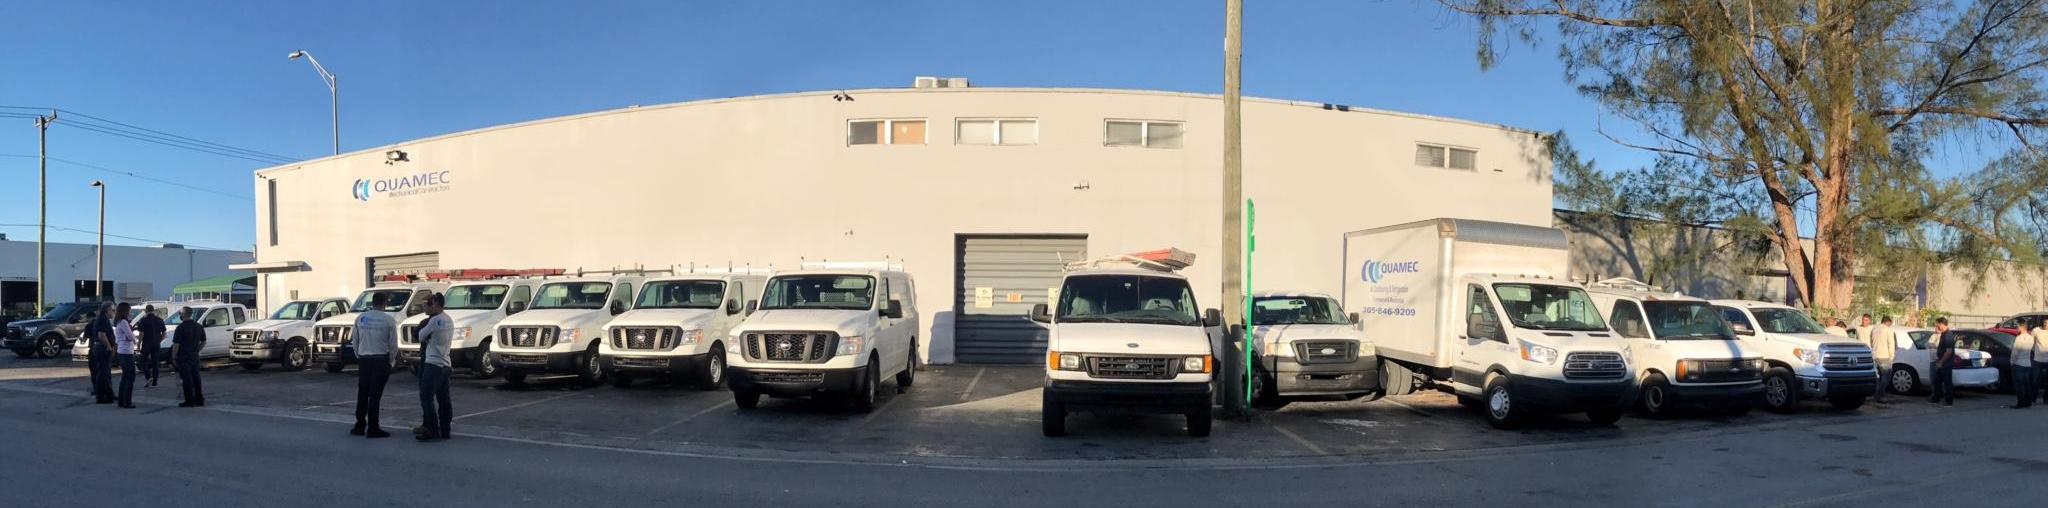 AC Repair Miami, Hollywood, Ft. Lauderdale